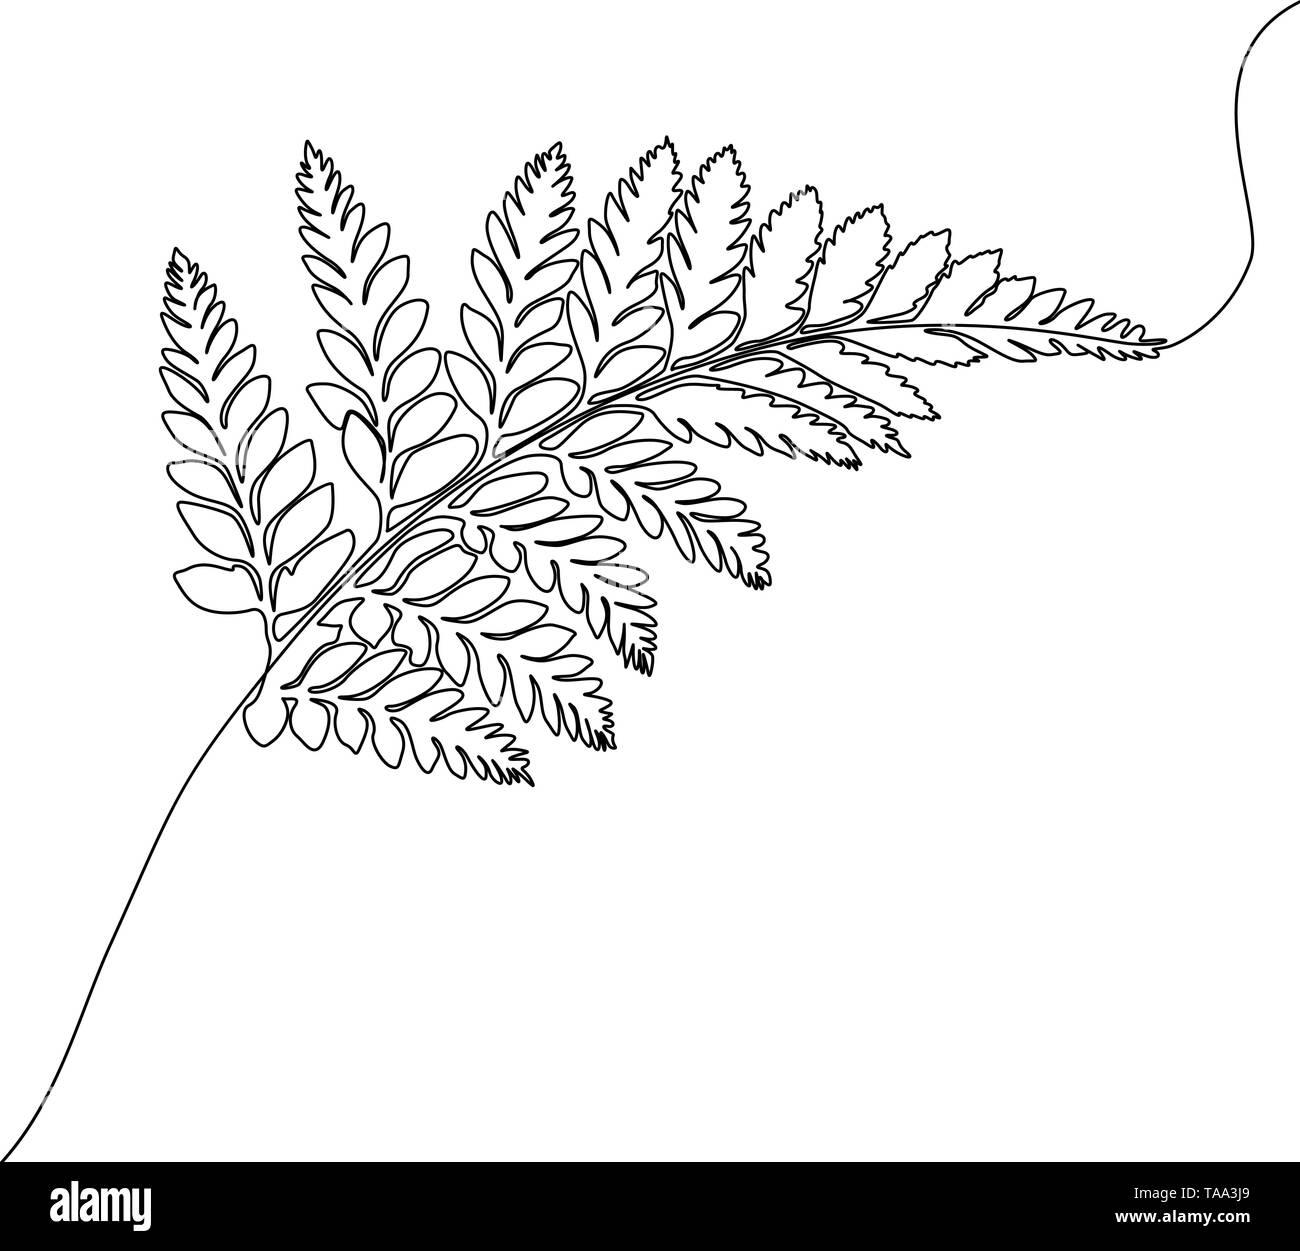 Kontinuierliche eine Strichzeichnung Farn, exotischen und tropischen Pflanzen. Stockbild